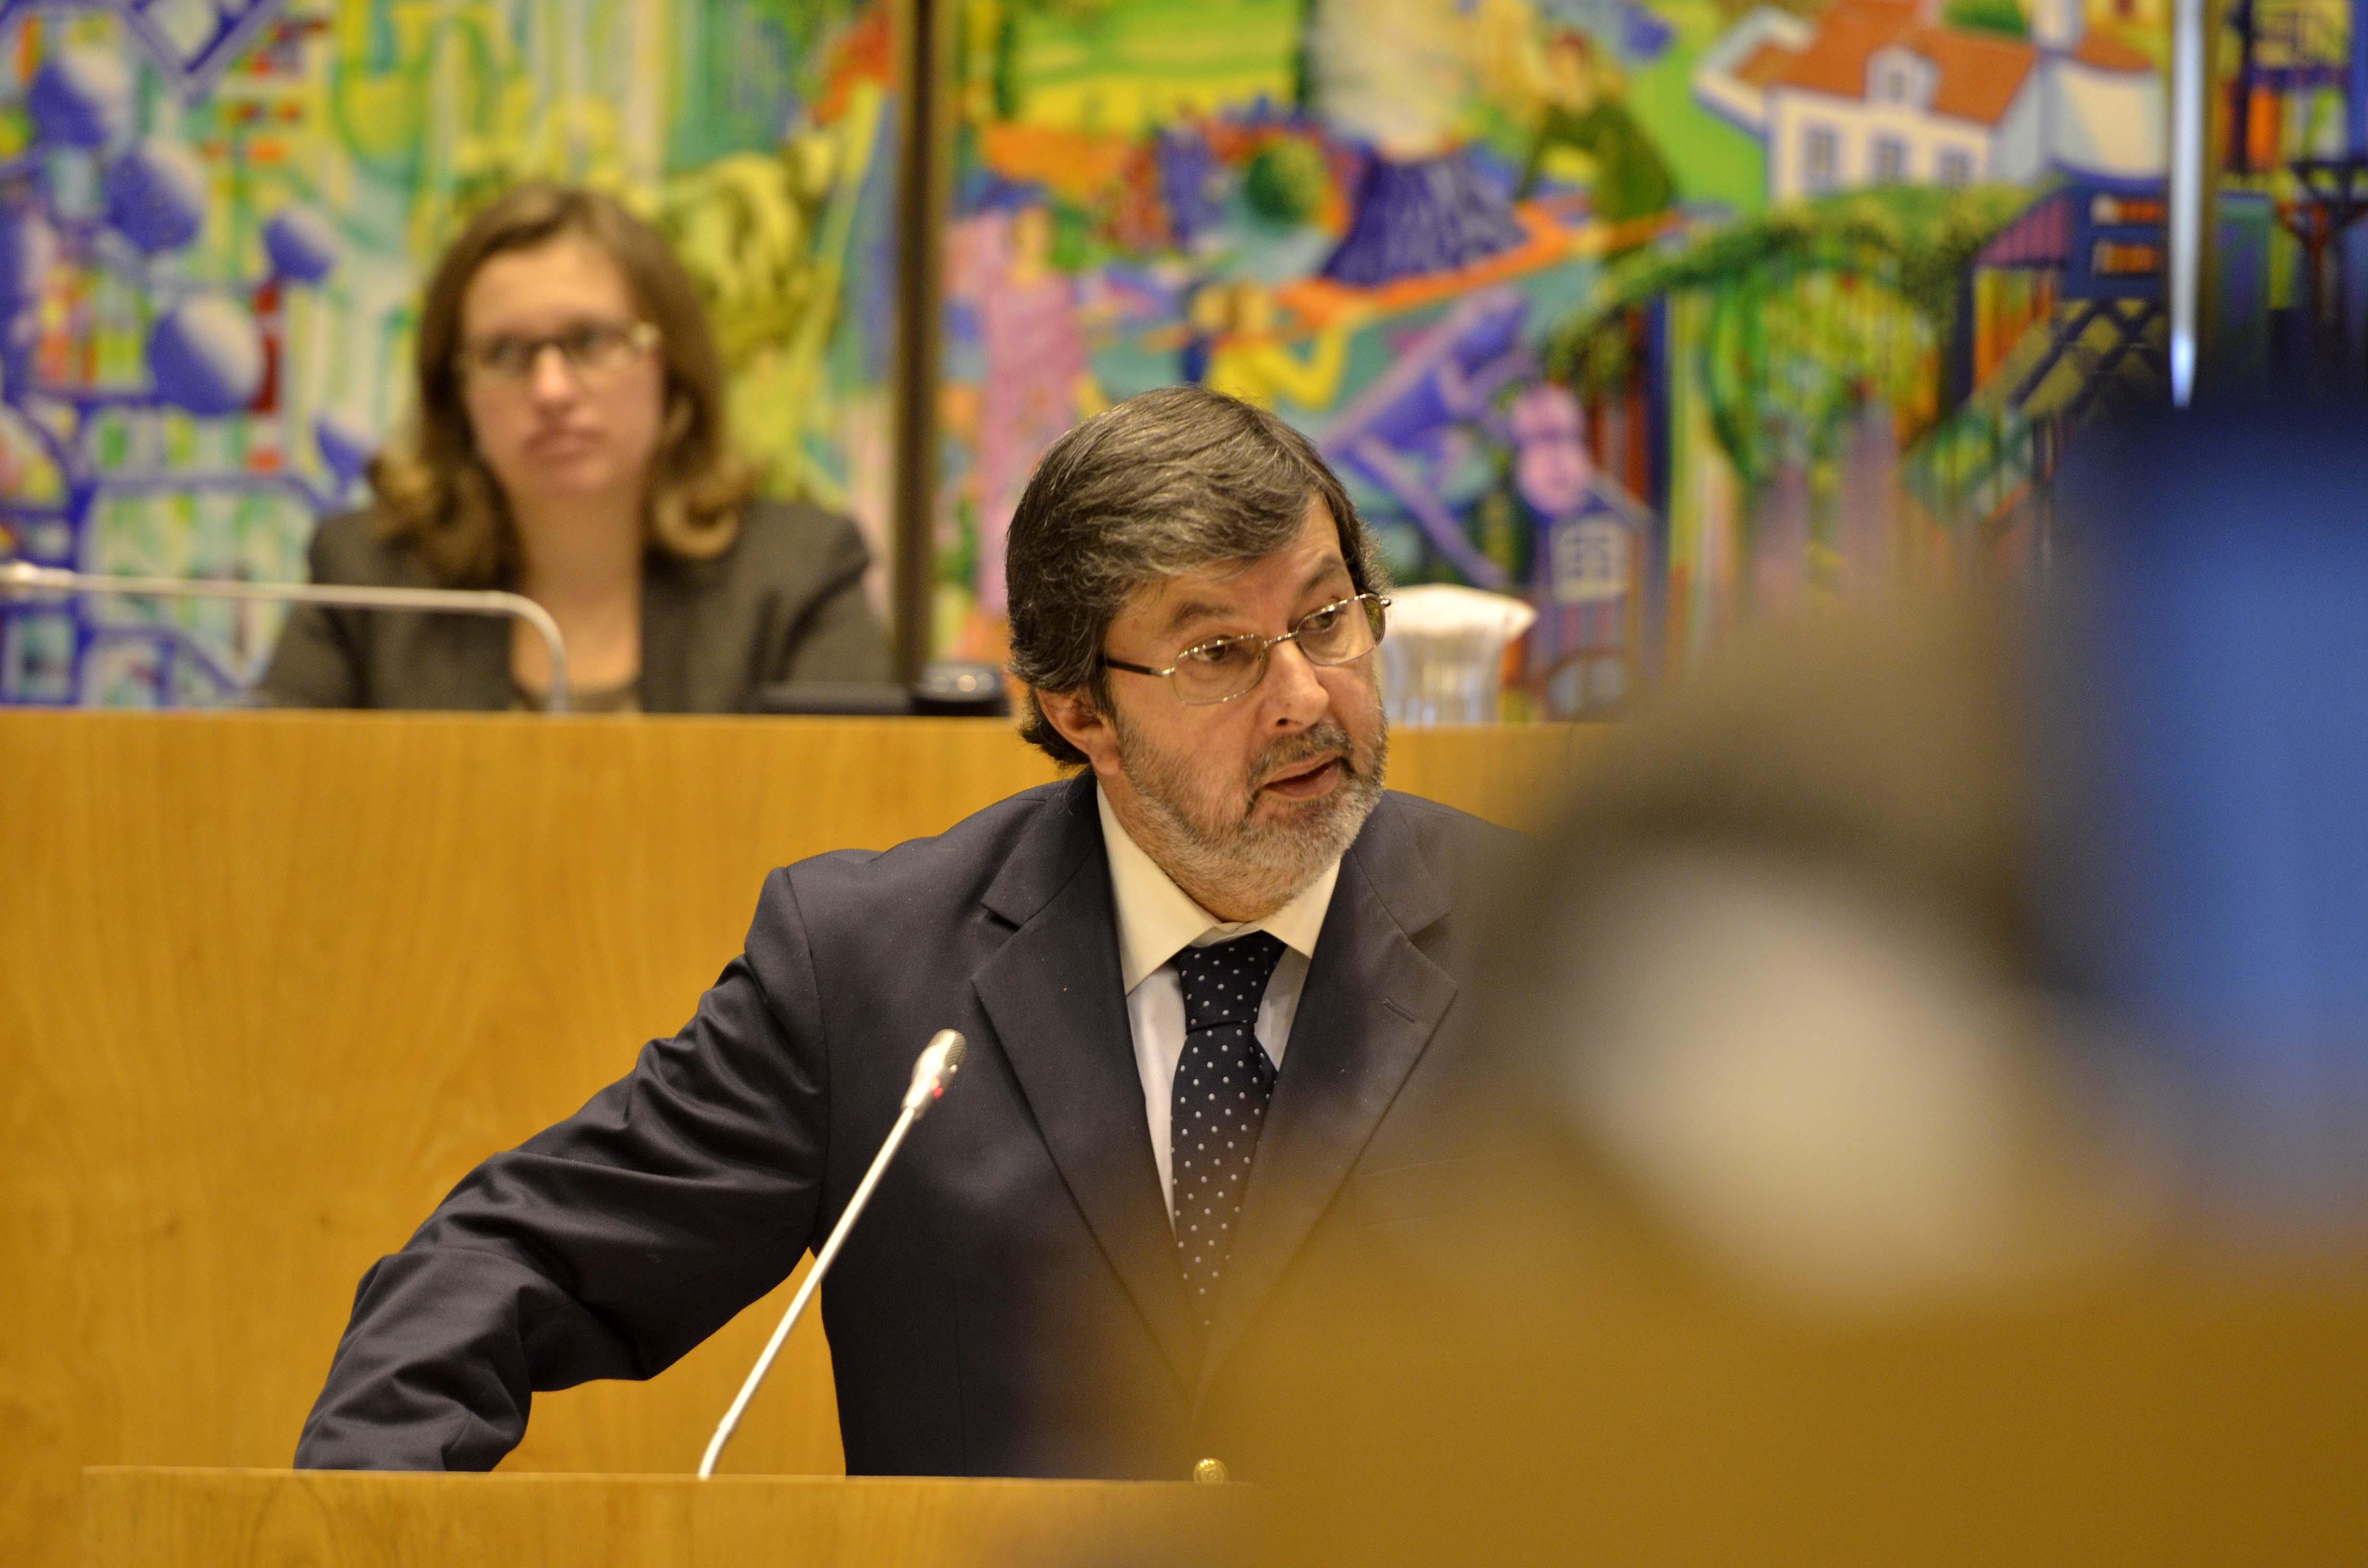 Governo Regional apresenta Plano e Orçamento sem credibilidade, acusa o PSD